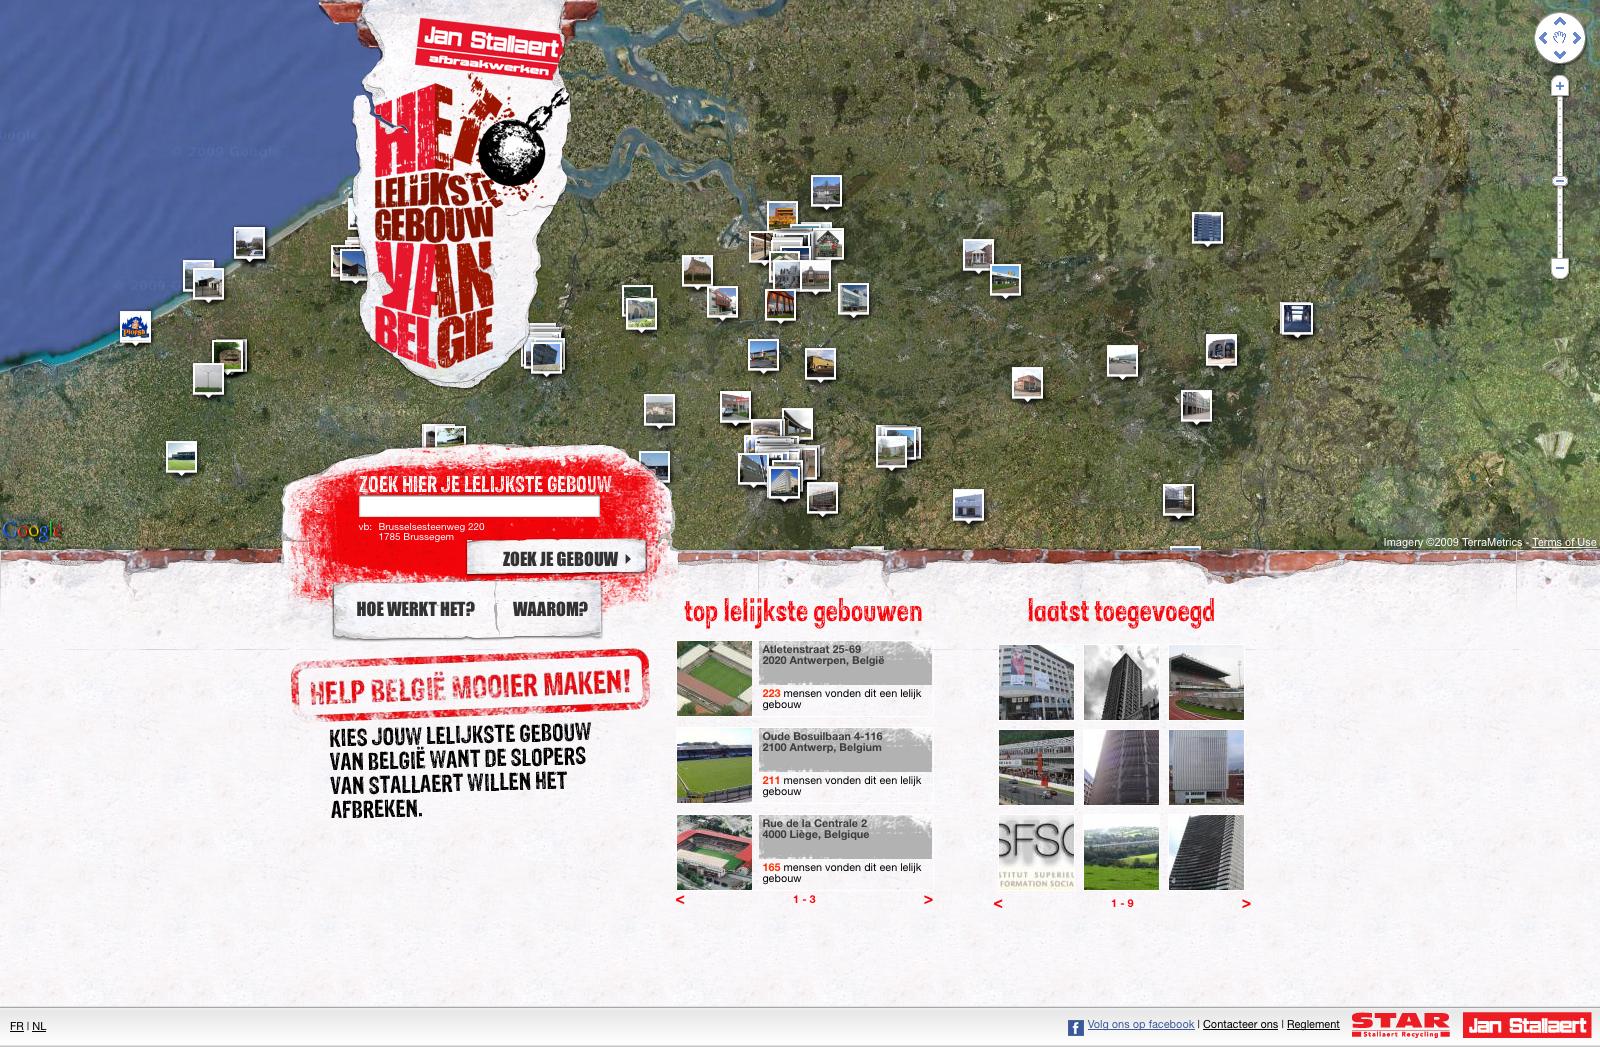 wwwhetlelijkstegebouwbe-screen-capture-2009-10-13-12-11-21